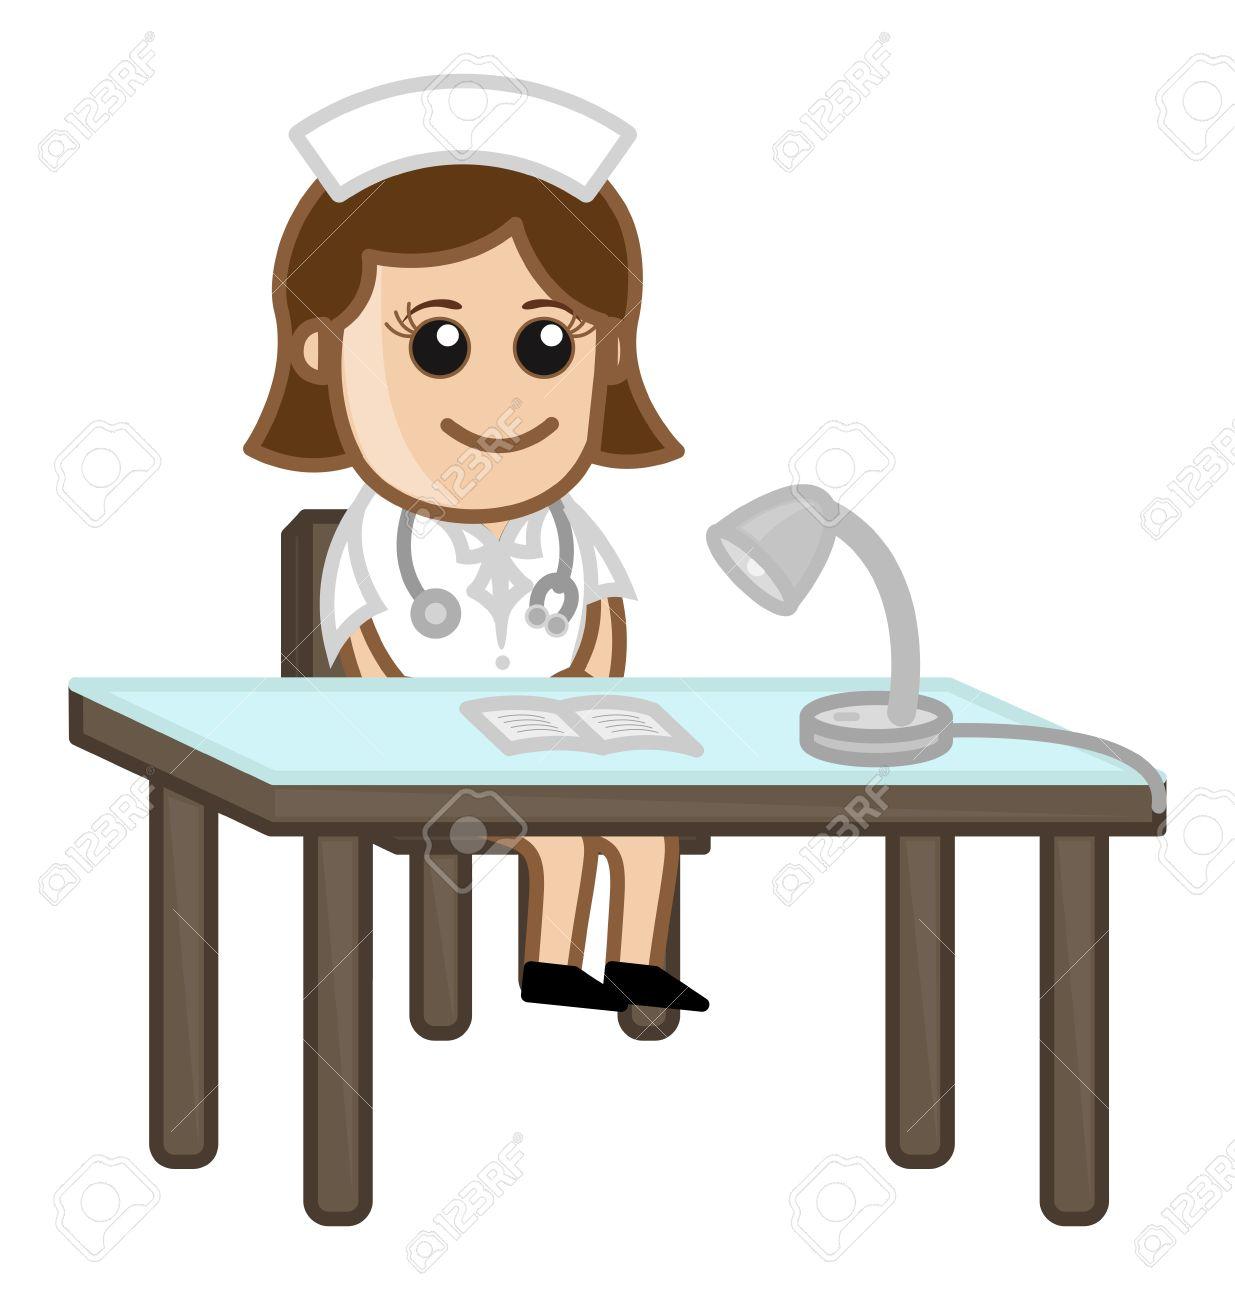 Receptionist clipart. Patient